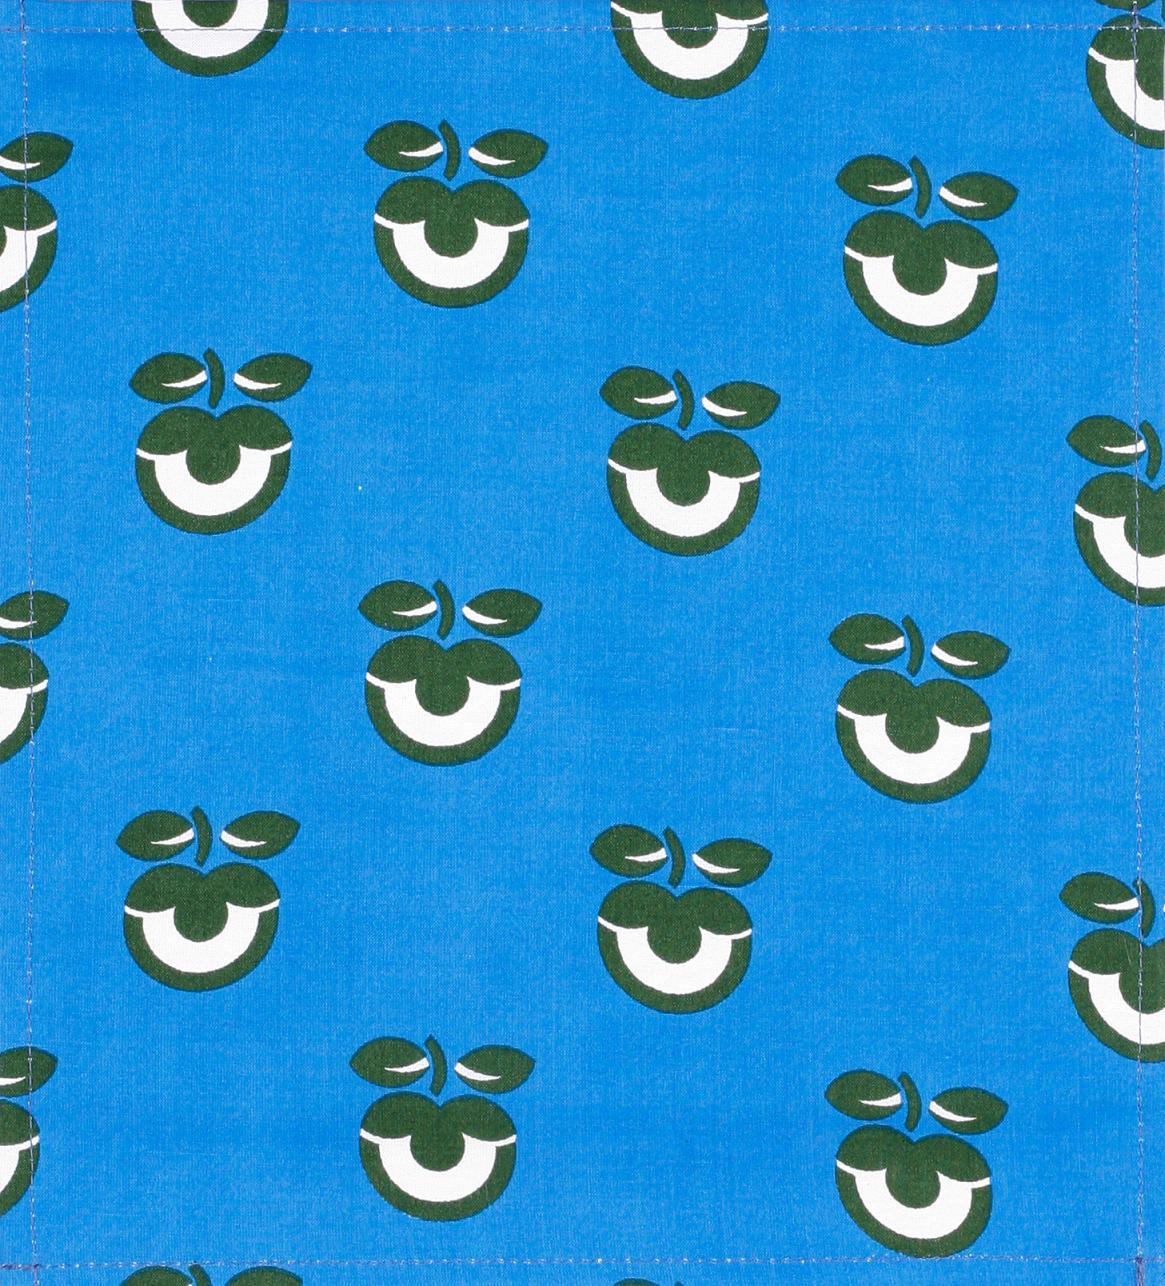 Apfel grün/blau (mittel)